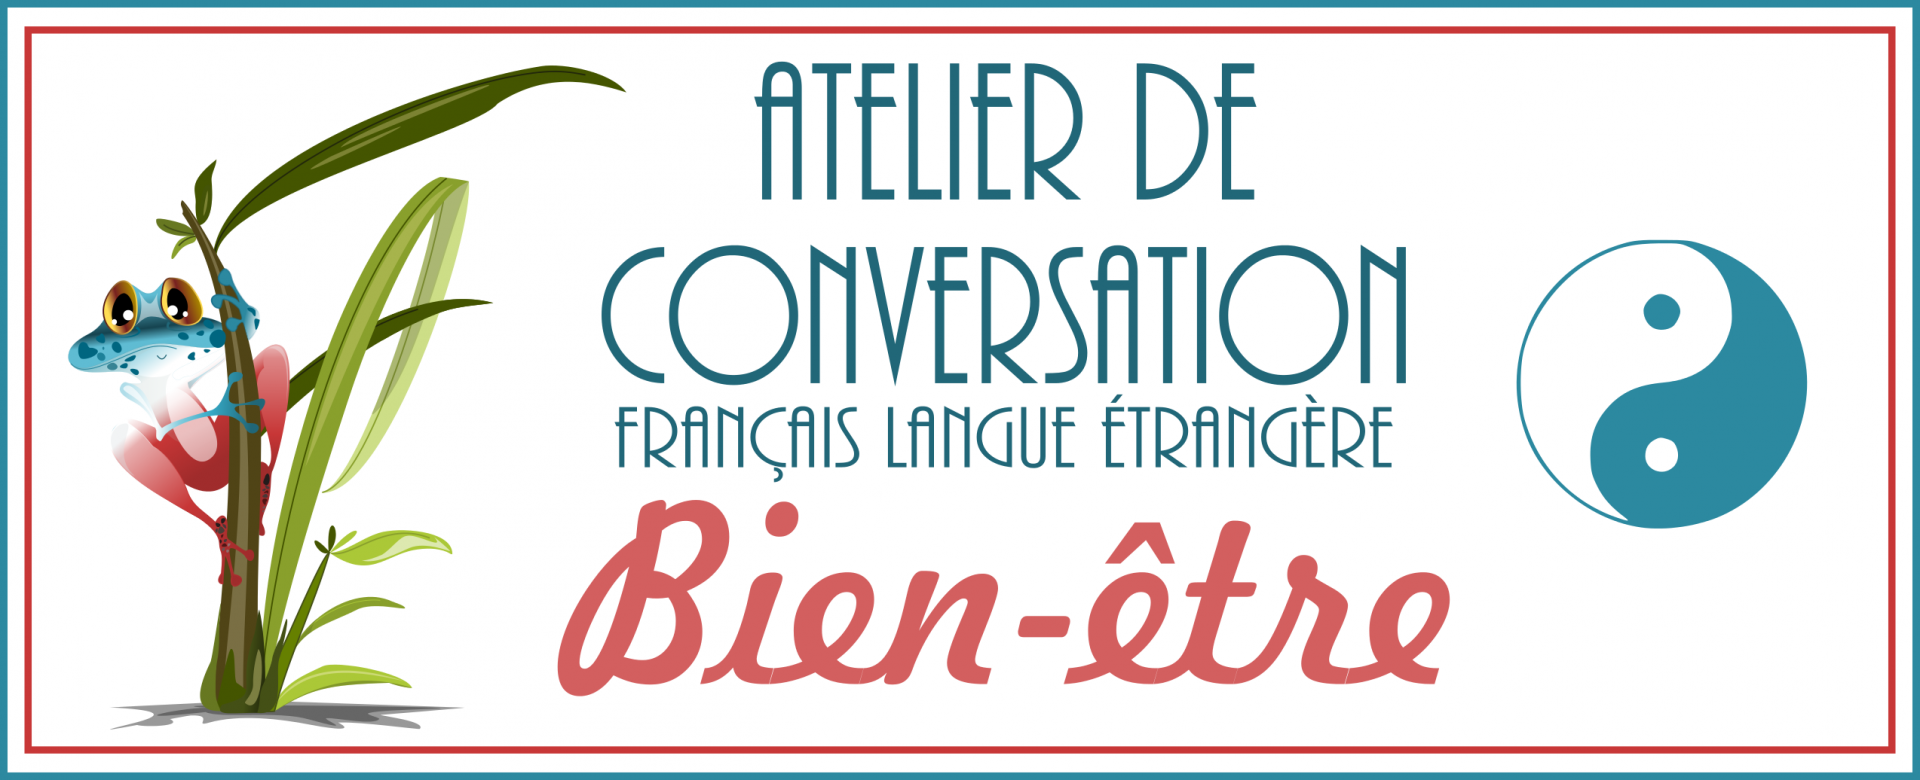 Atelier de conversation en français: bien-être